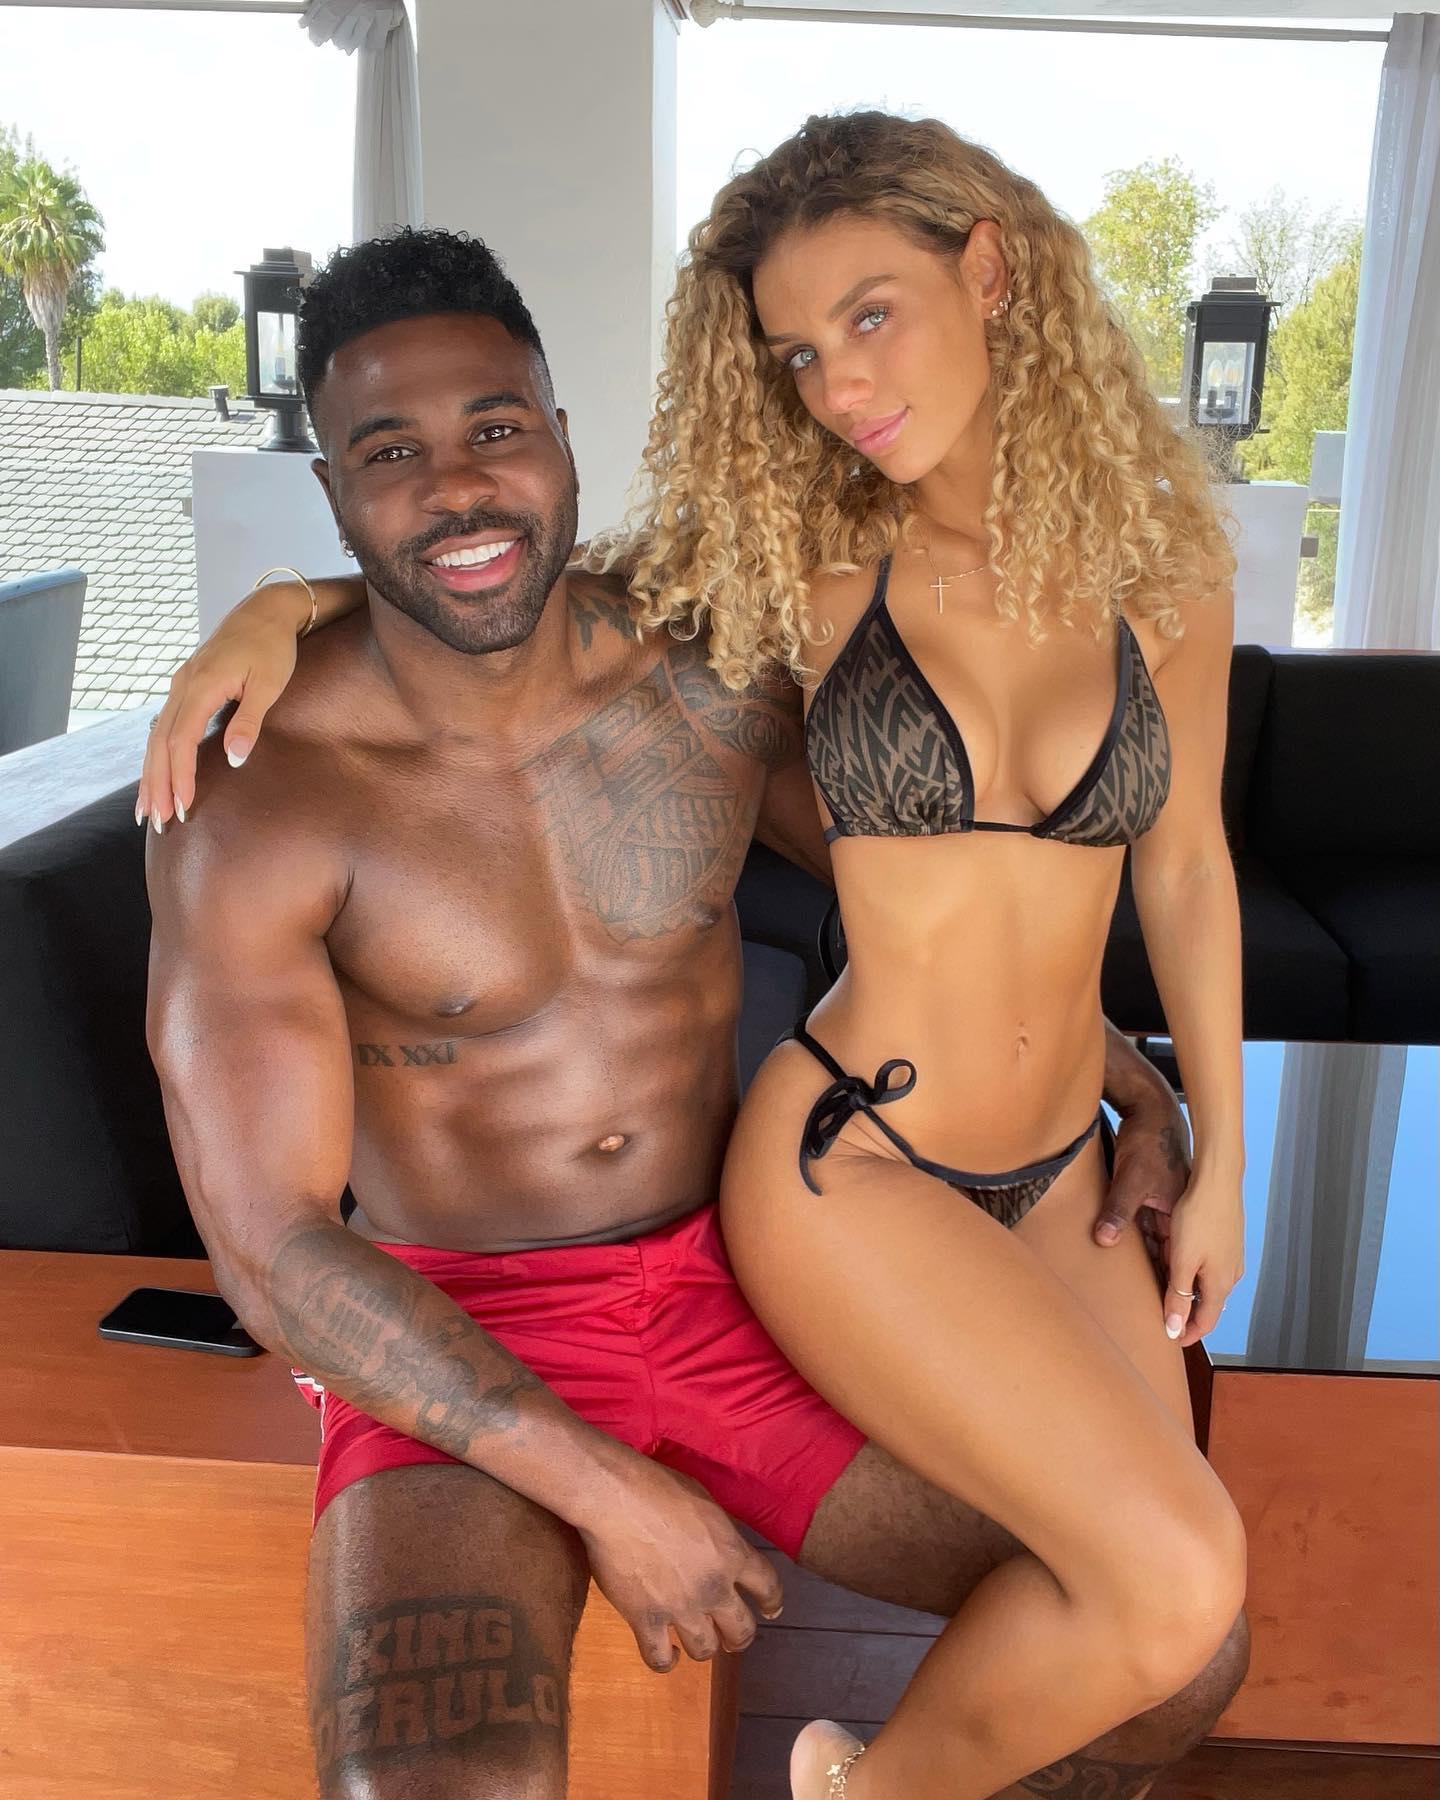 Jason Derulo and exgirlfriend Jena Frumes